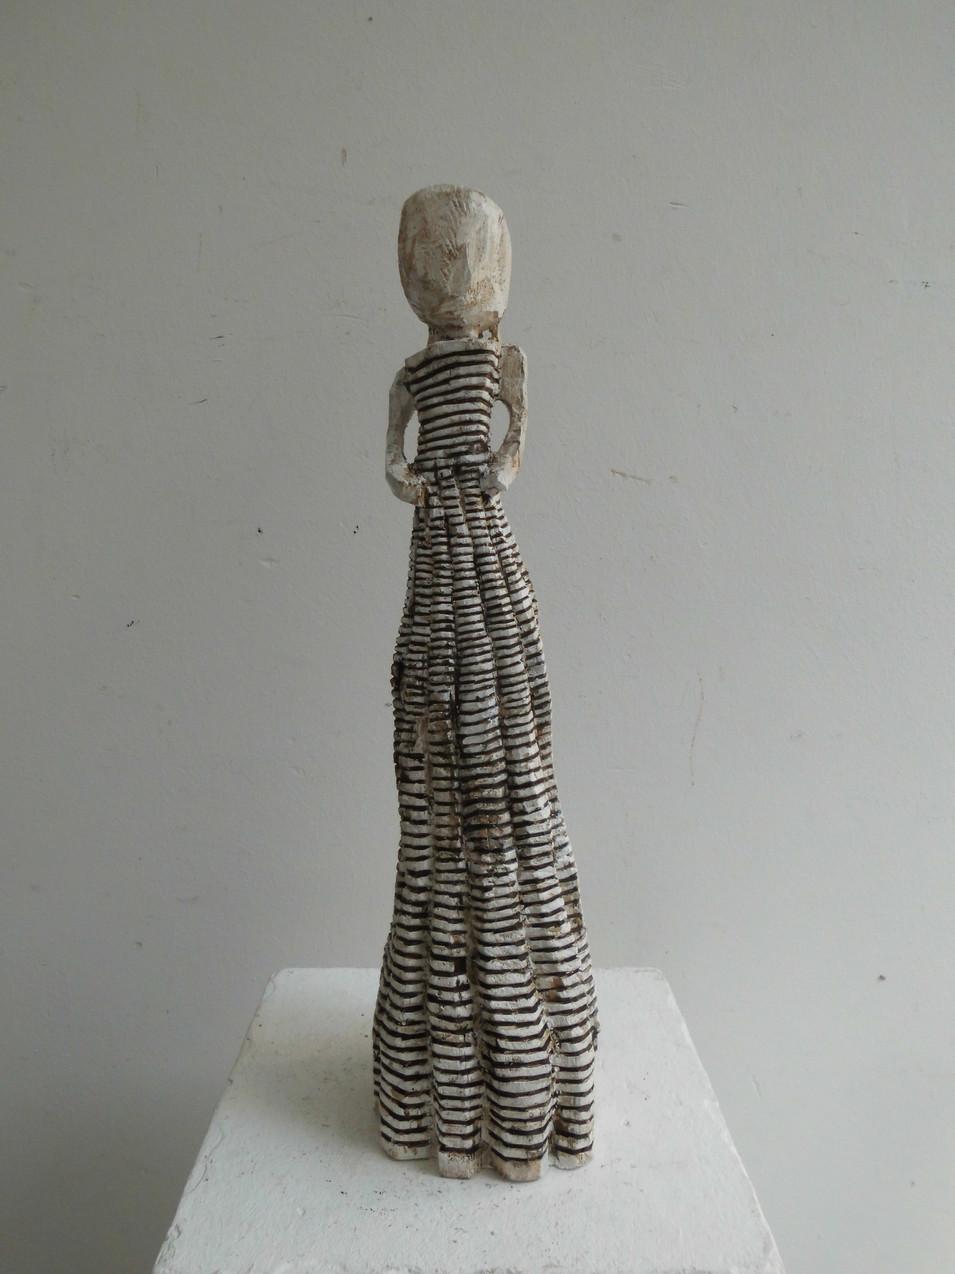 Klaus Hack | Kleidfigur (Ringelkleid) | 2011 | Holz | weiß gefasst | 43 x 11 x 10,5 cm | 1900 Euro